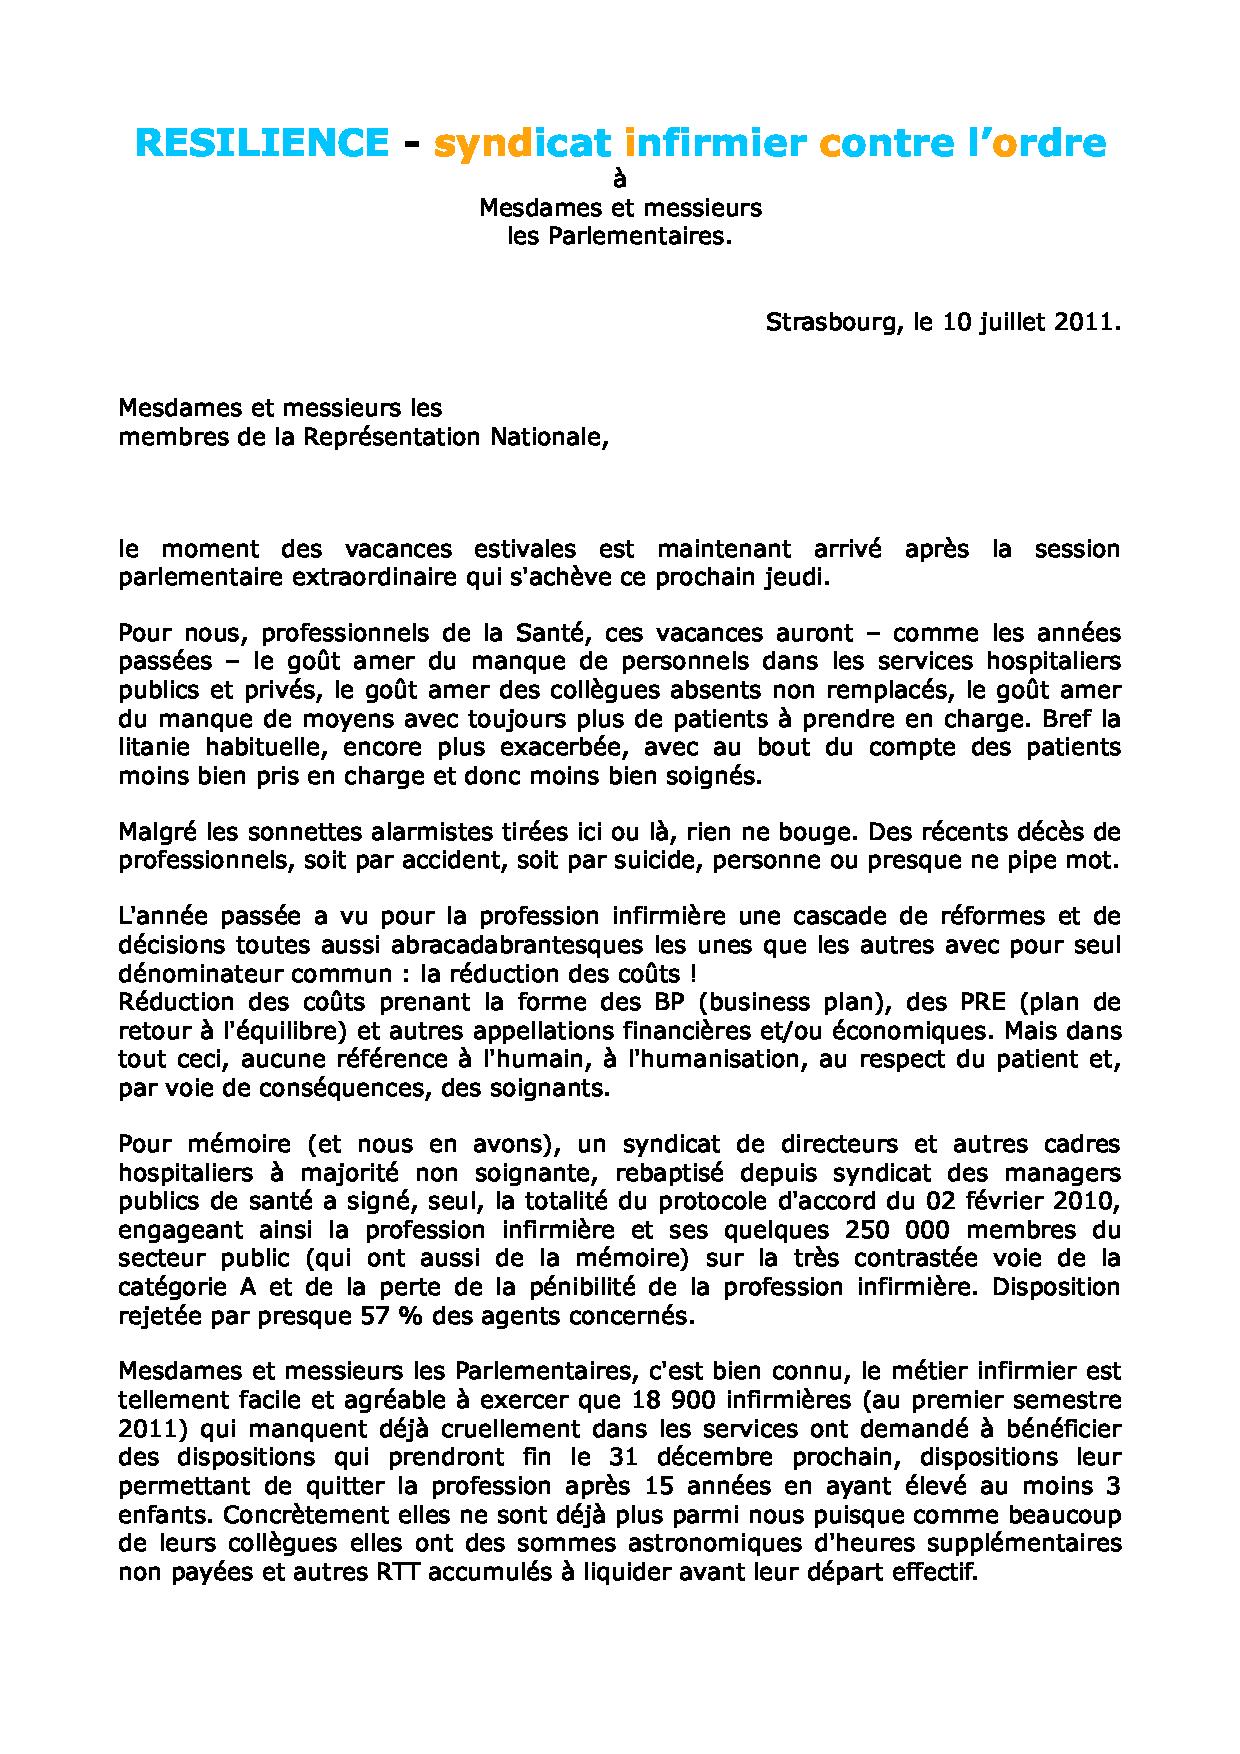 Lettre aux parlementaires du 10 juillet 2011 1107100327521139708450439